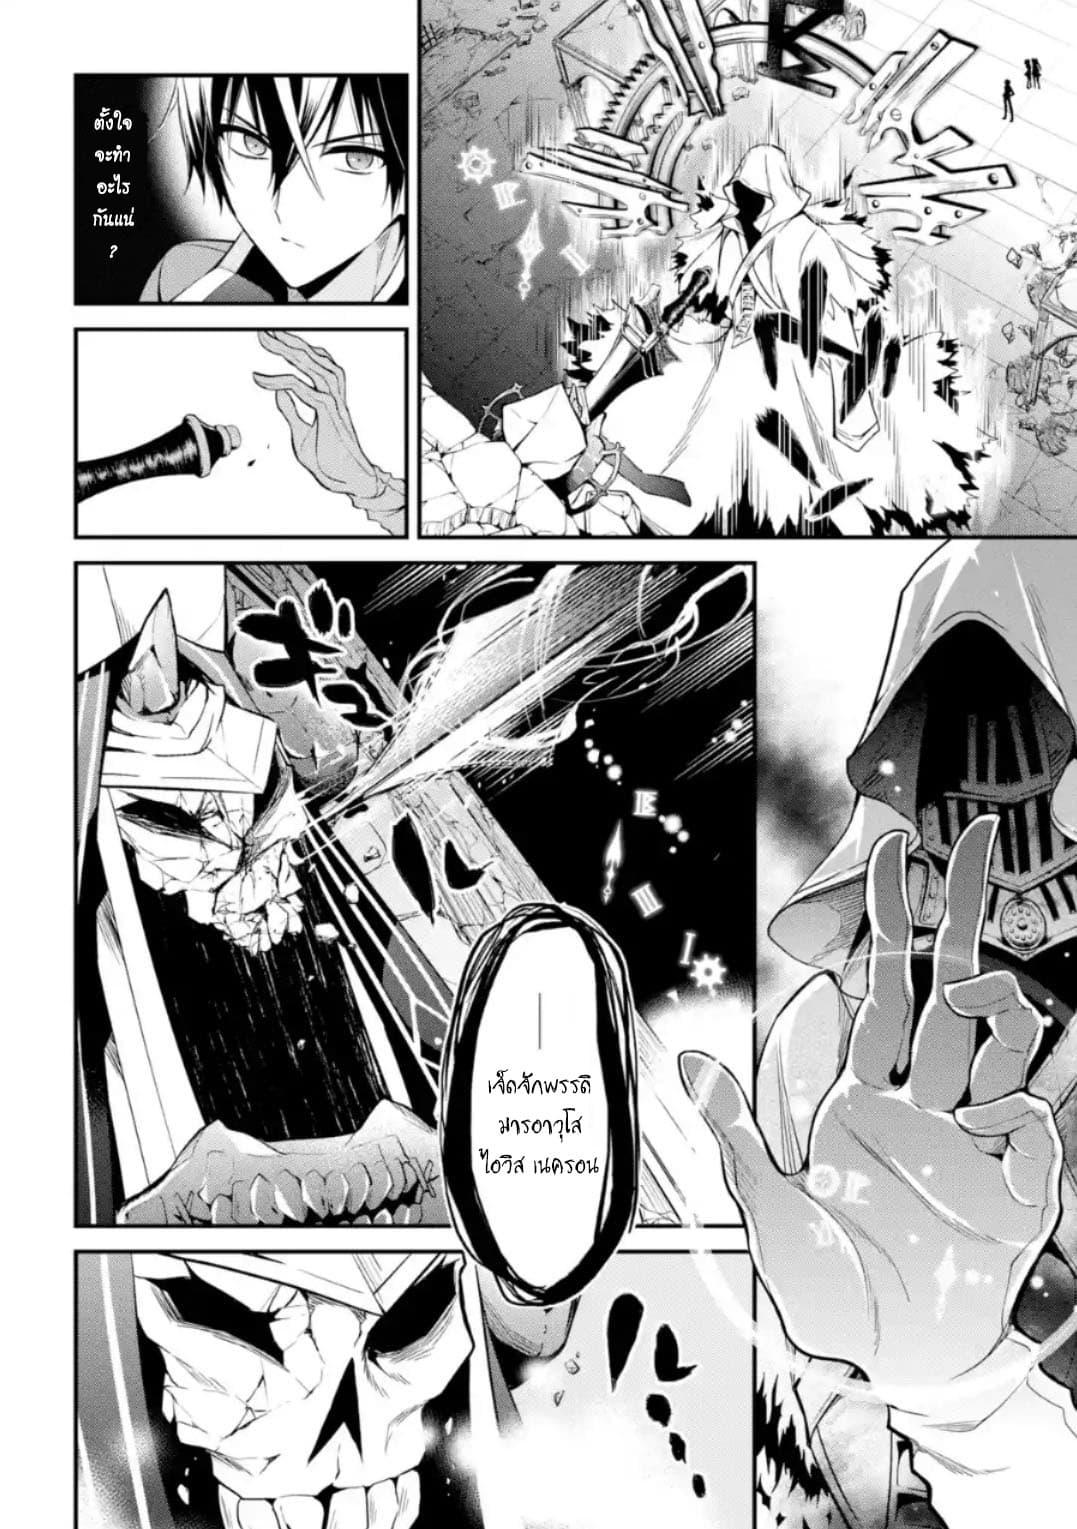 อ่านการ์ตูน Maou Gakuin no Futekigousha ตอนที่ 11 หน้าที่ 4